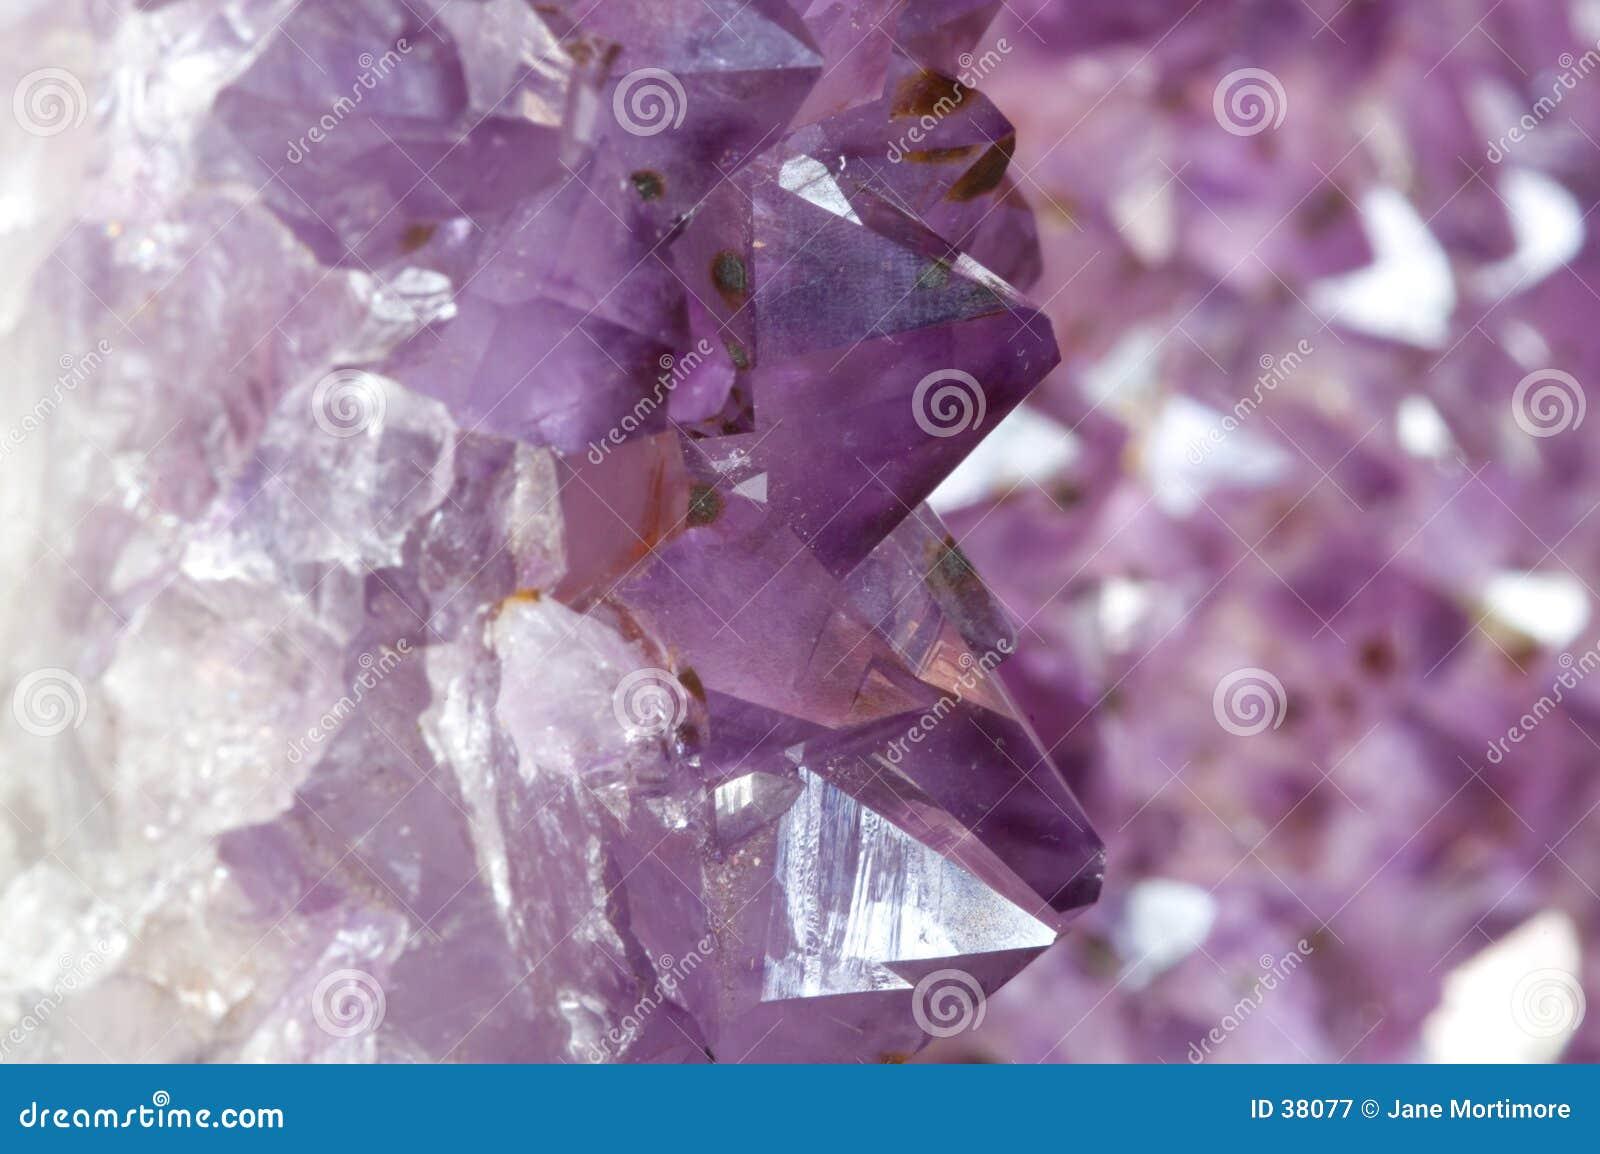 Dentro de un Geode Amethyst 1